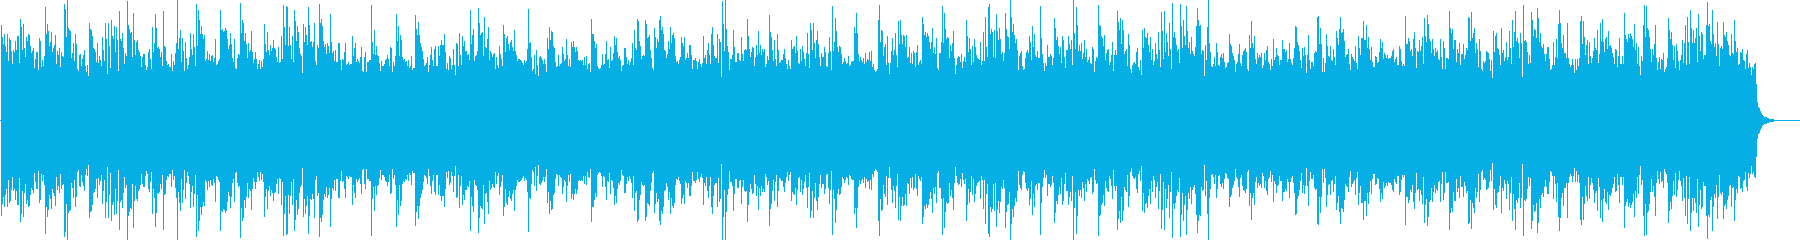 高原の自然映像に合うヒーリングBGMの再生済みの波形